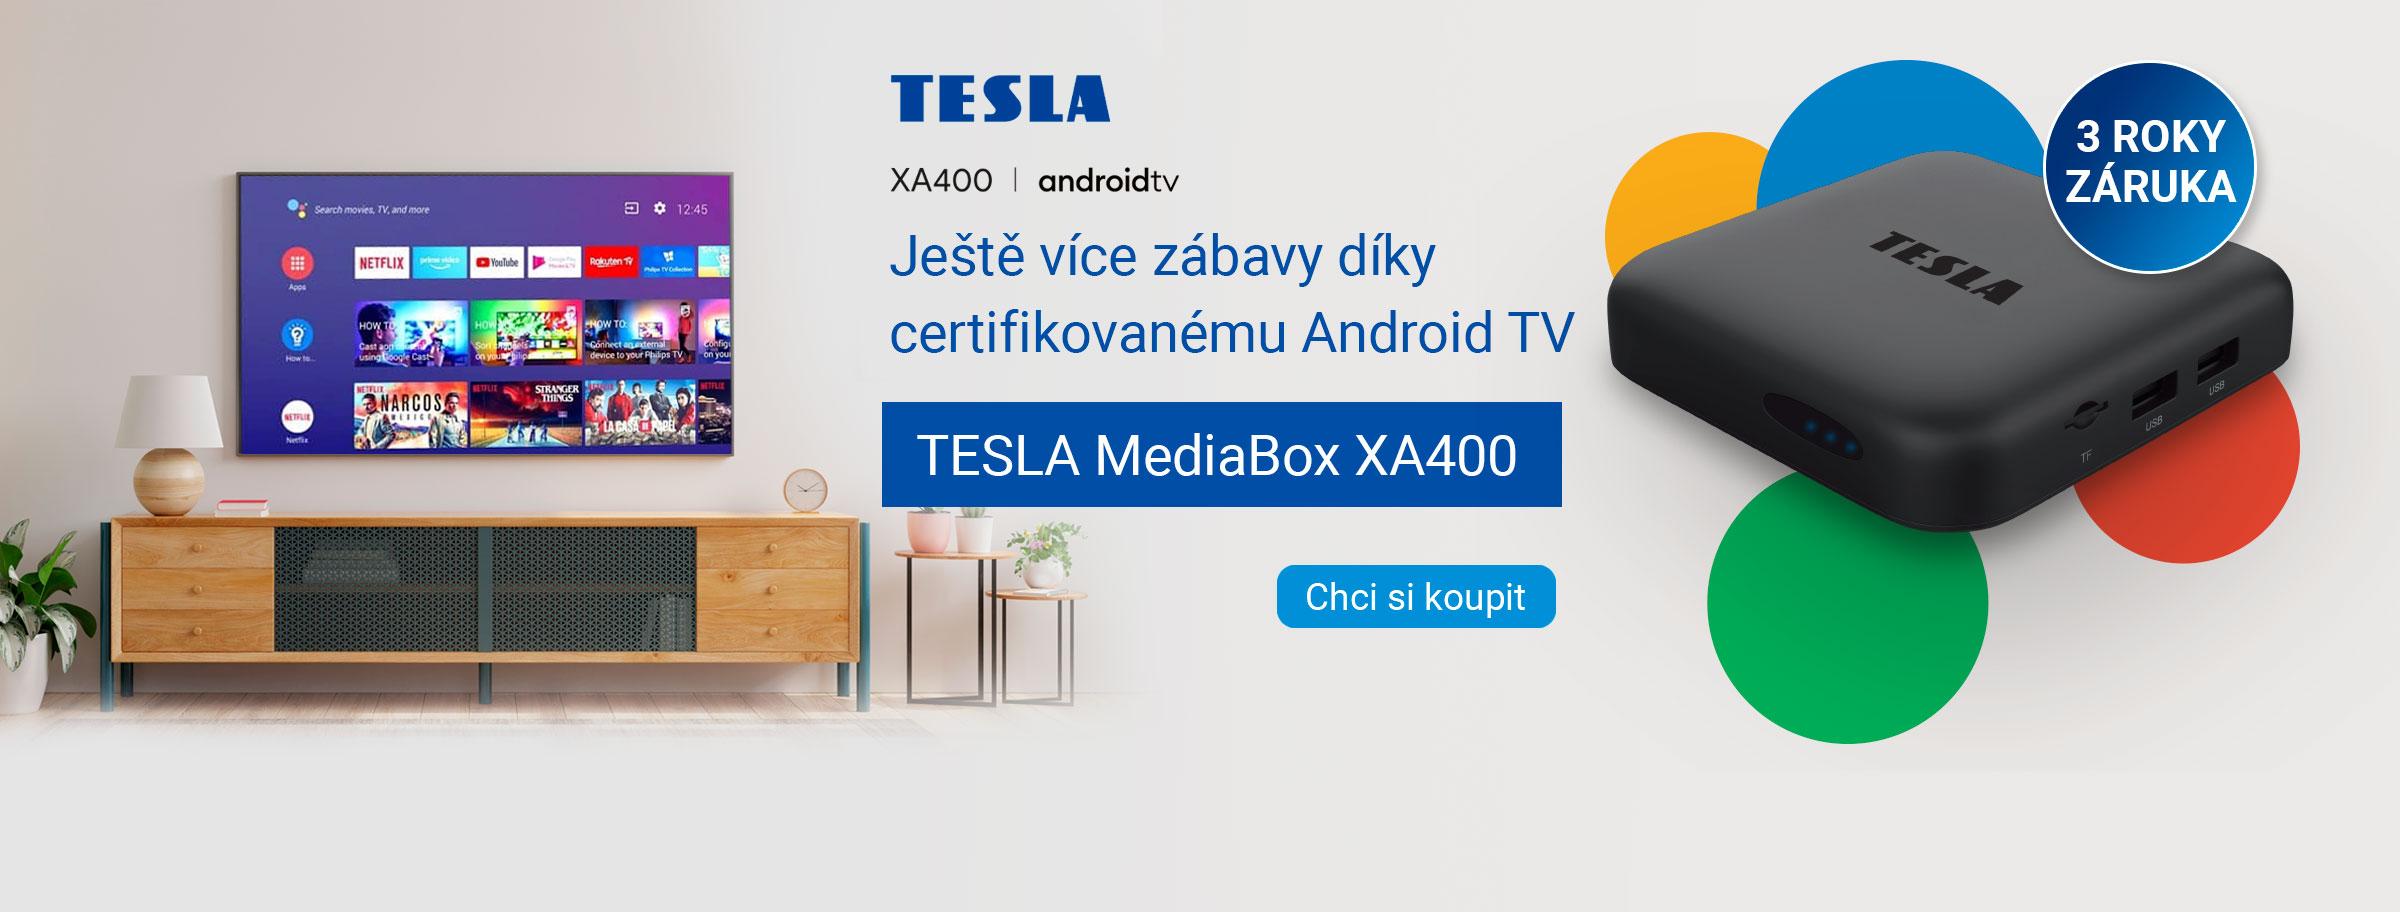 TESLA MediaBox XA400 Android TV - UHD multimediální přehrávač